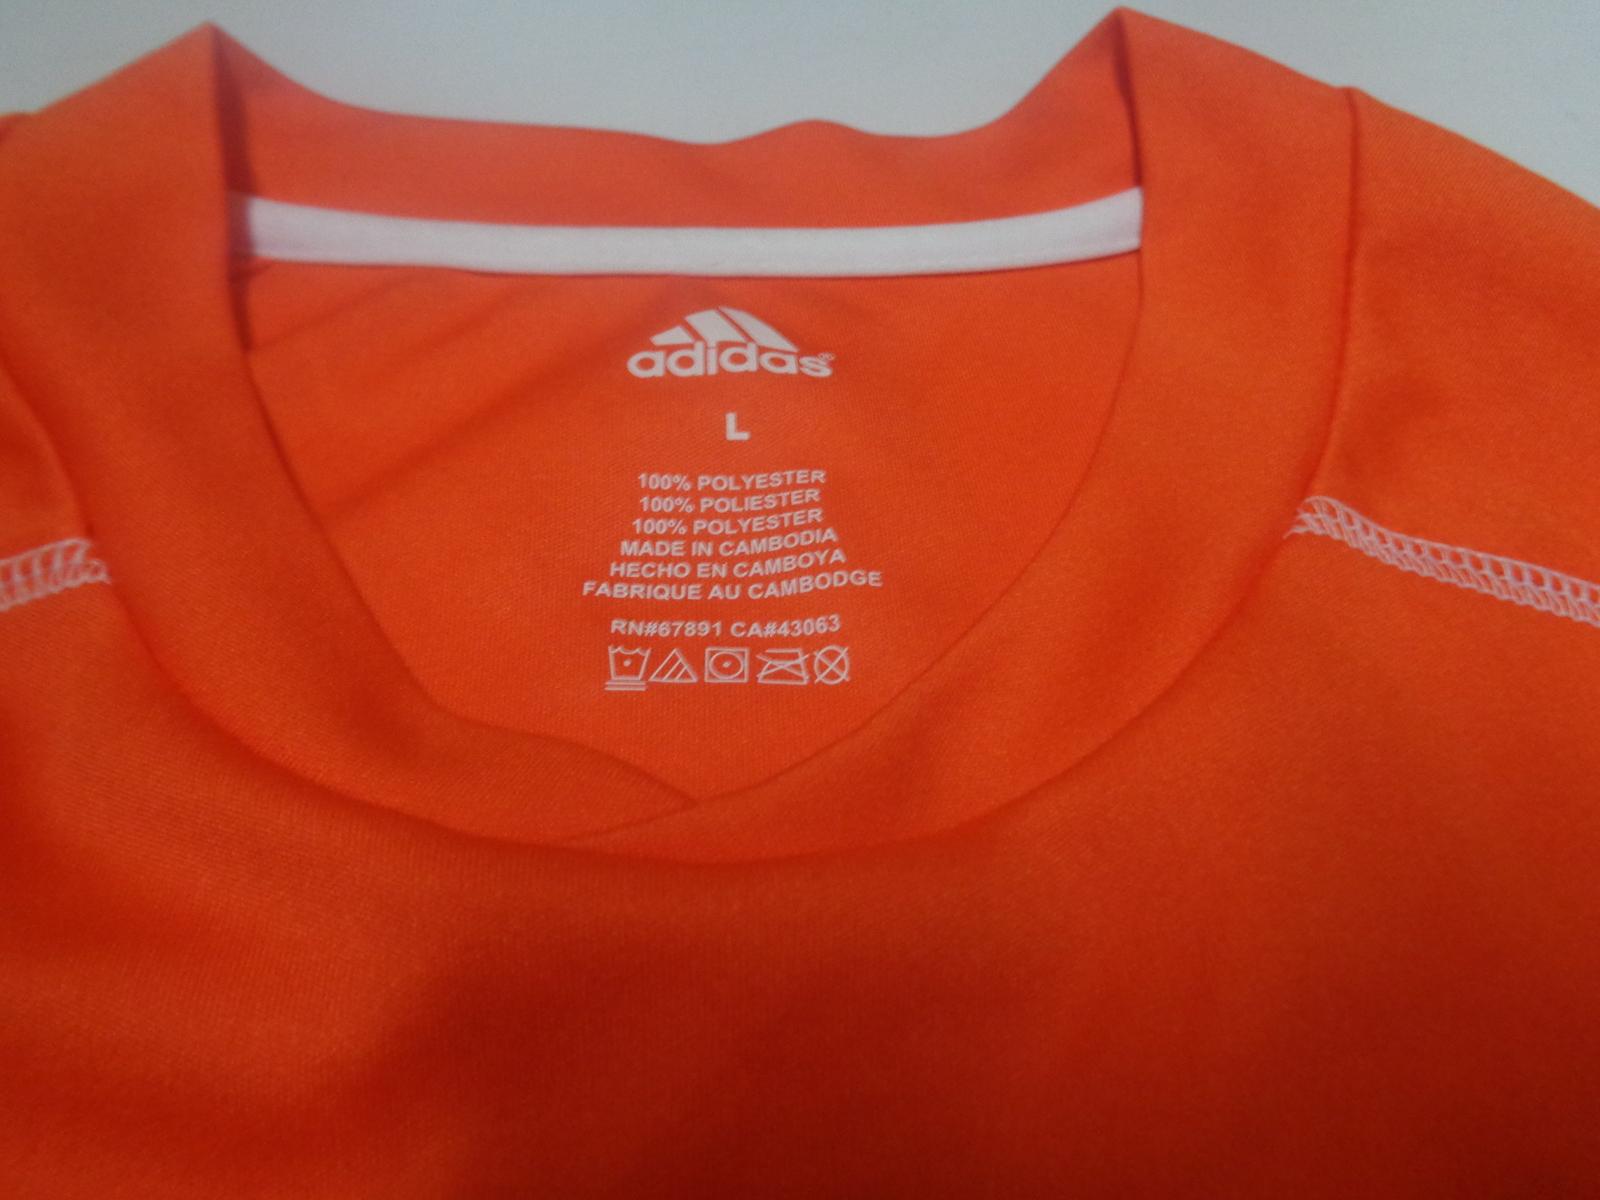 Adidas Soccer Shots Youth Large NWOT Orange Short Sleeve Shirt